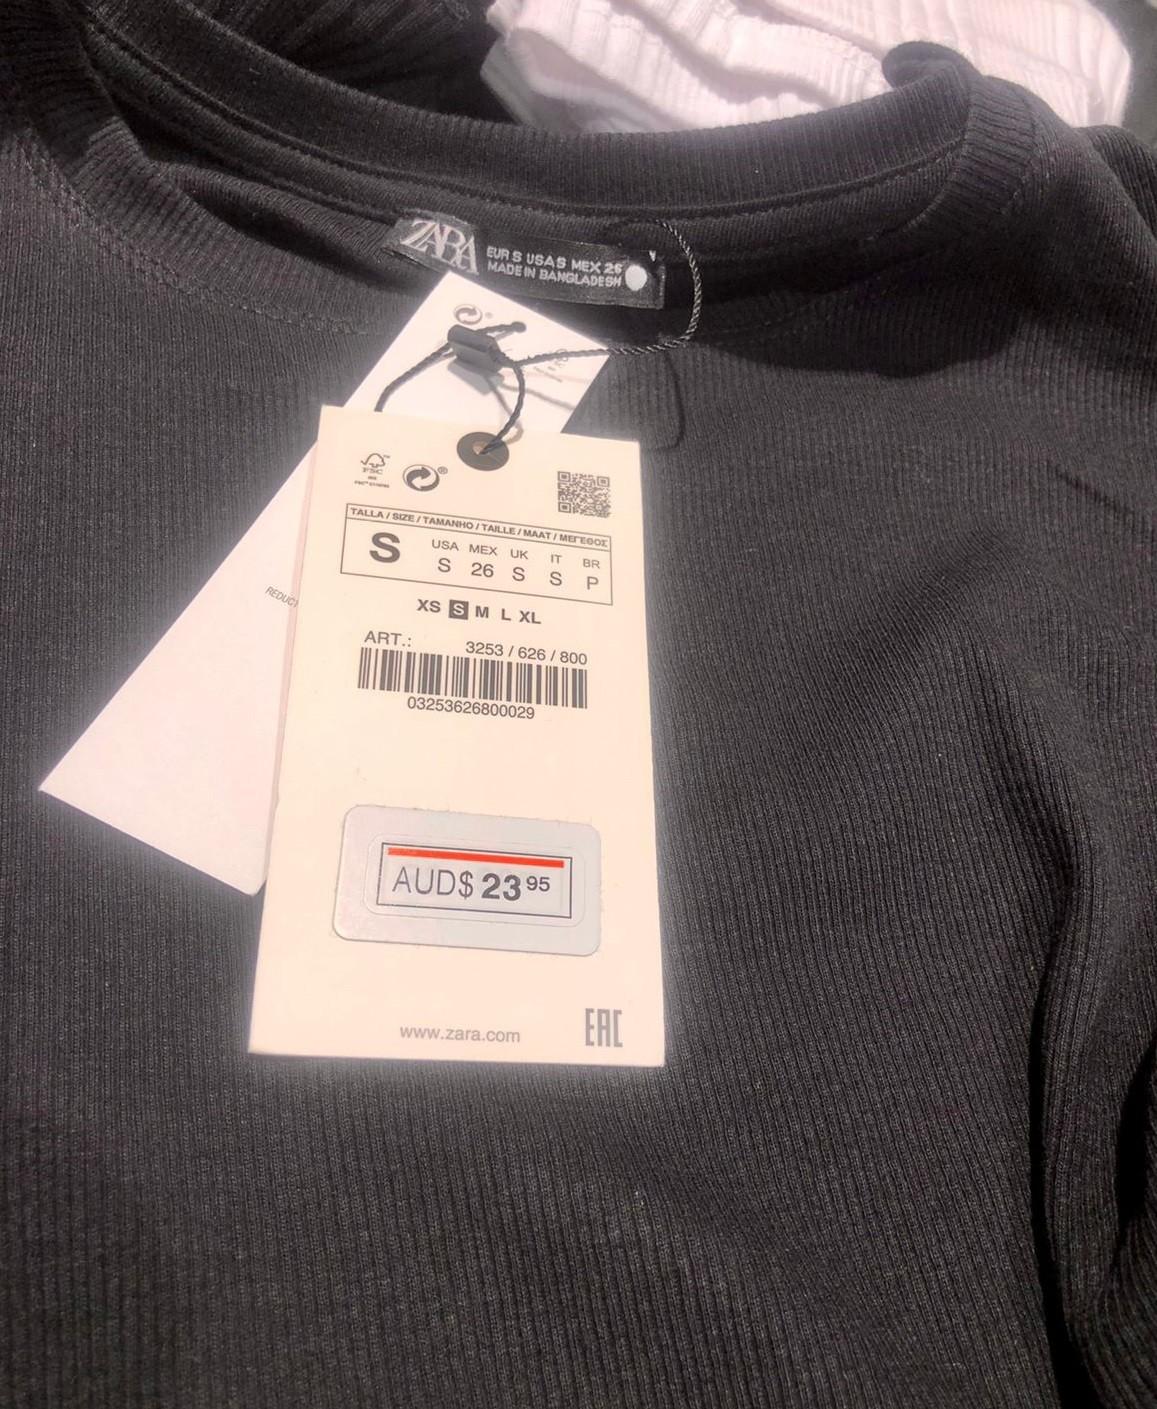 Cliente diz ter sido constrangida a pagar peça de roupa em dólar australiano em loja de Fortaleza